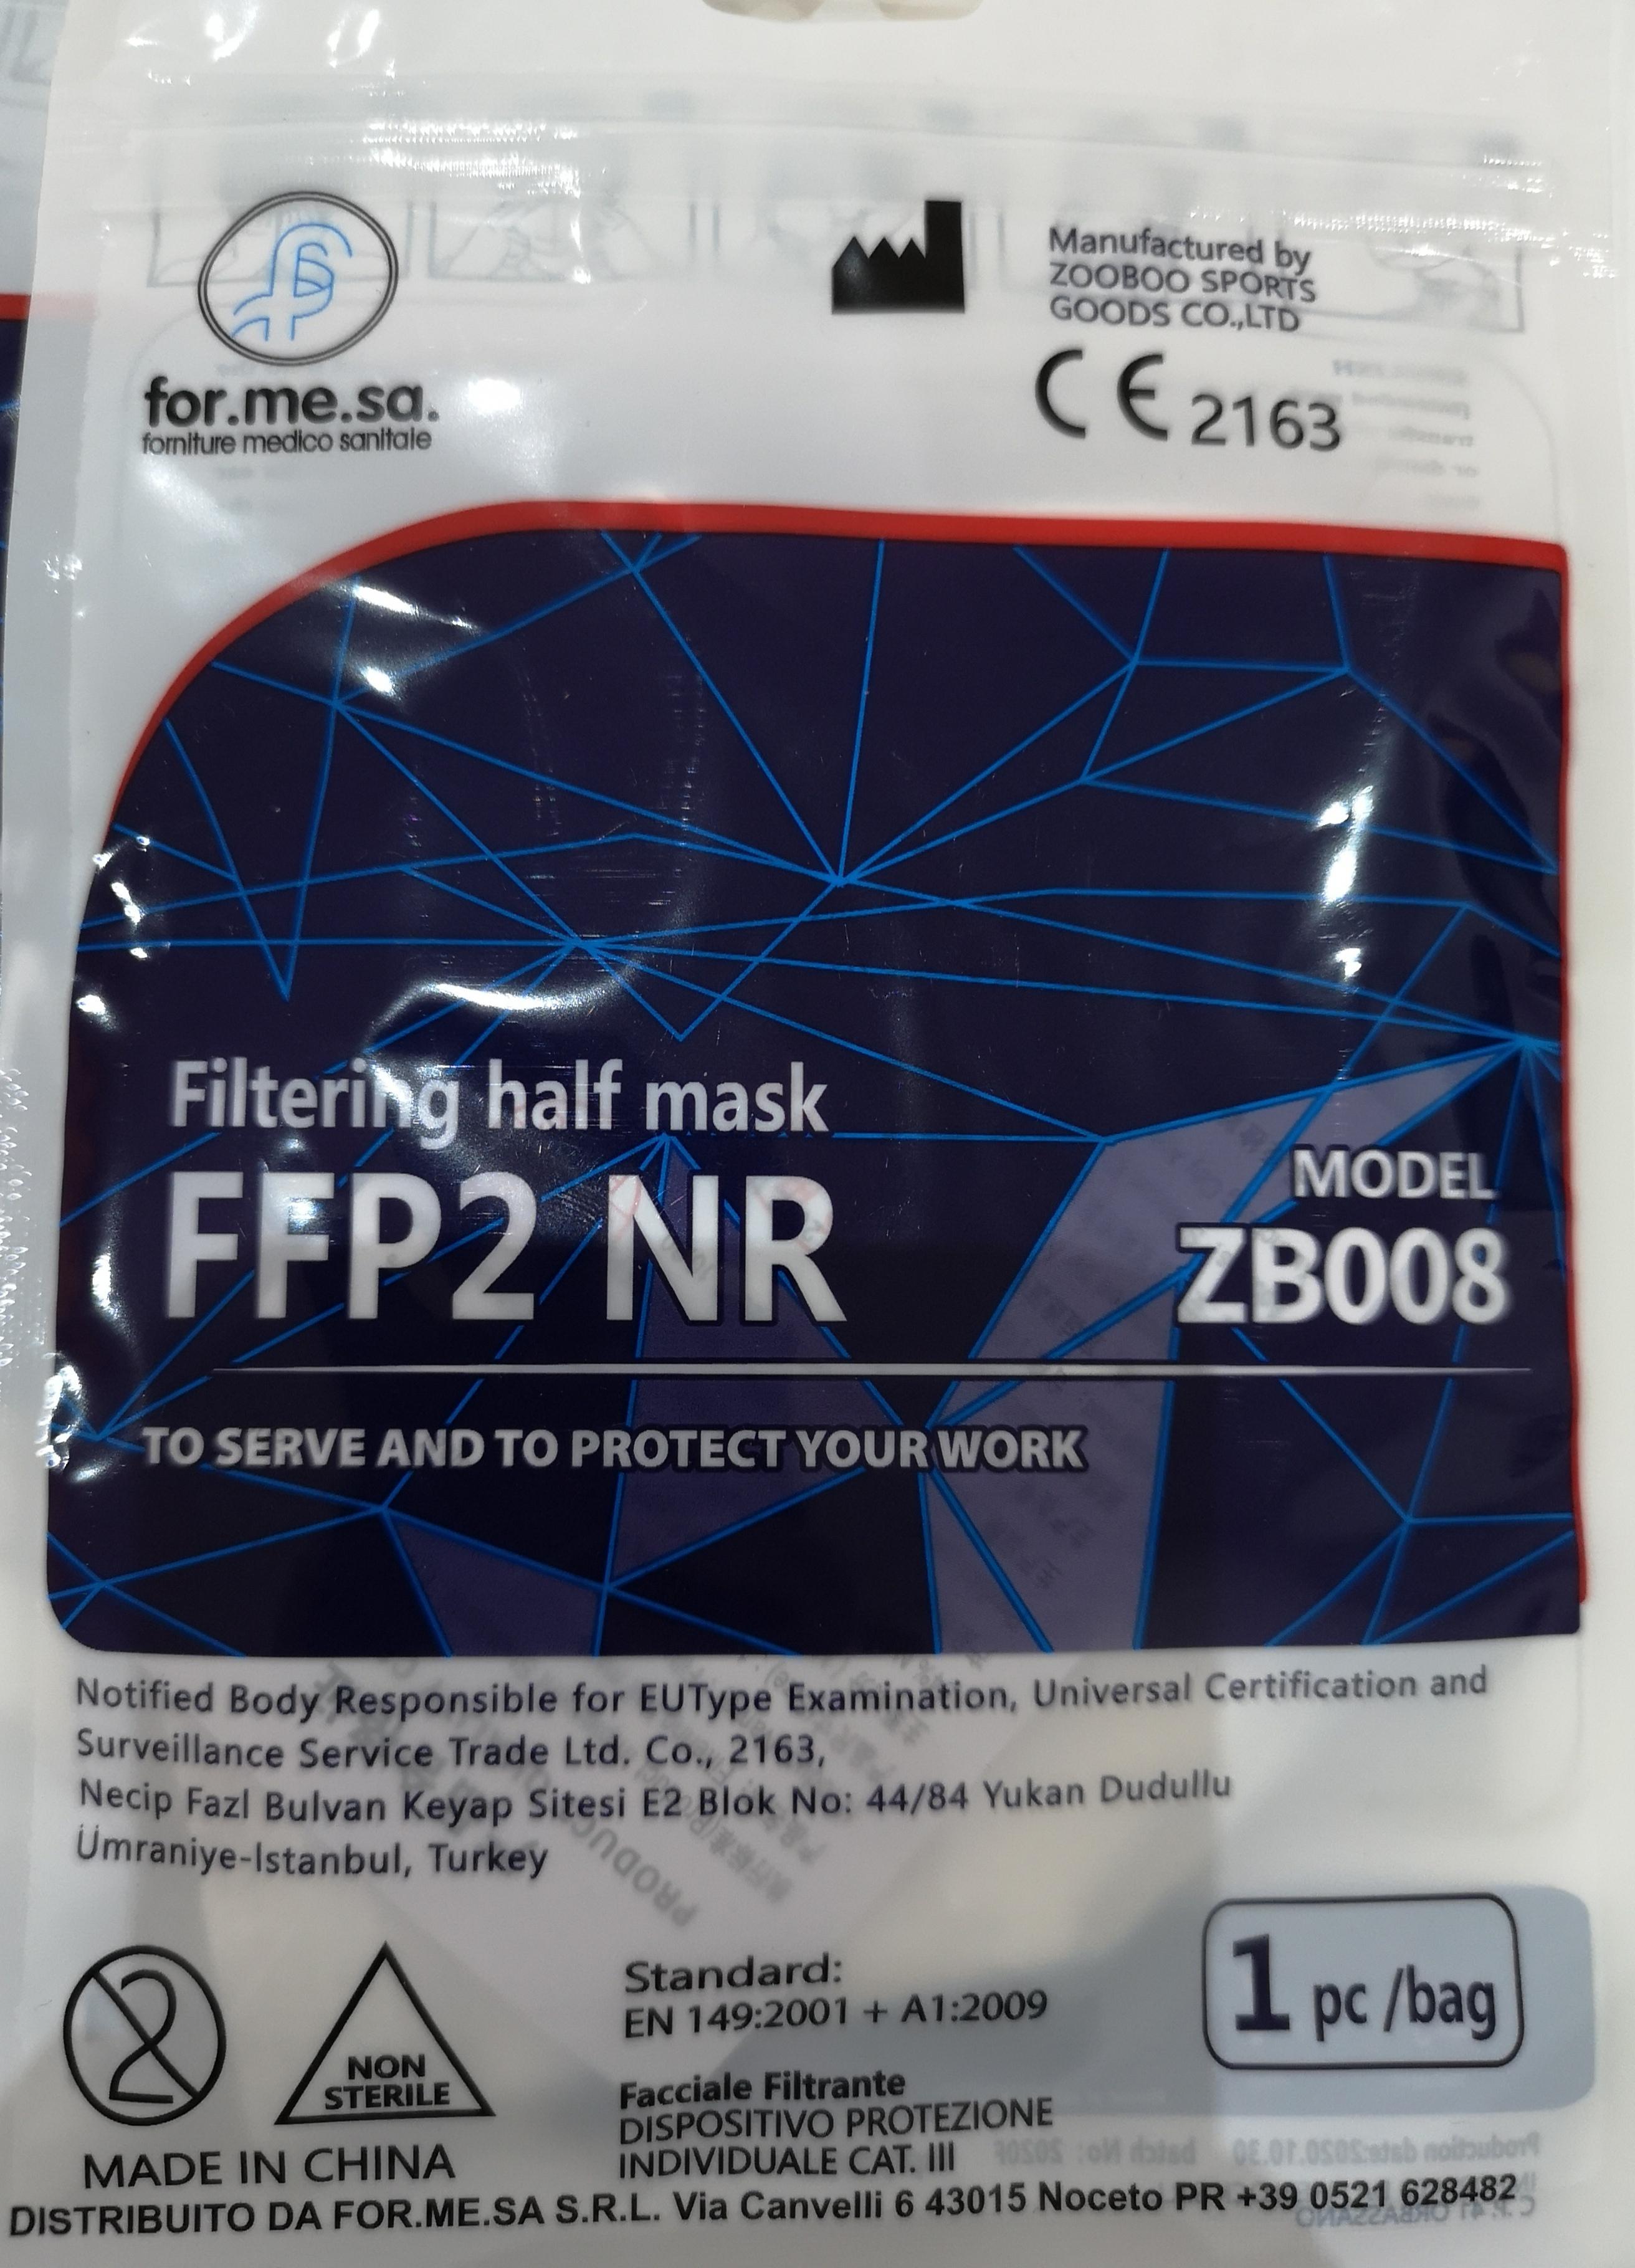 Mascherine FFP2 NR ZB008 CERTFICATE